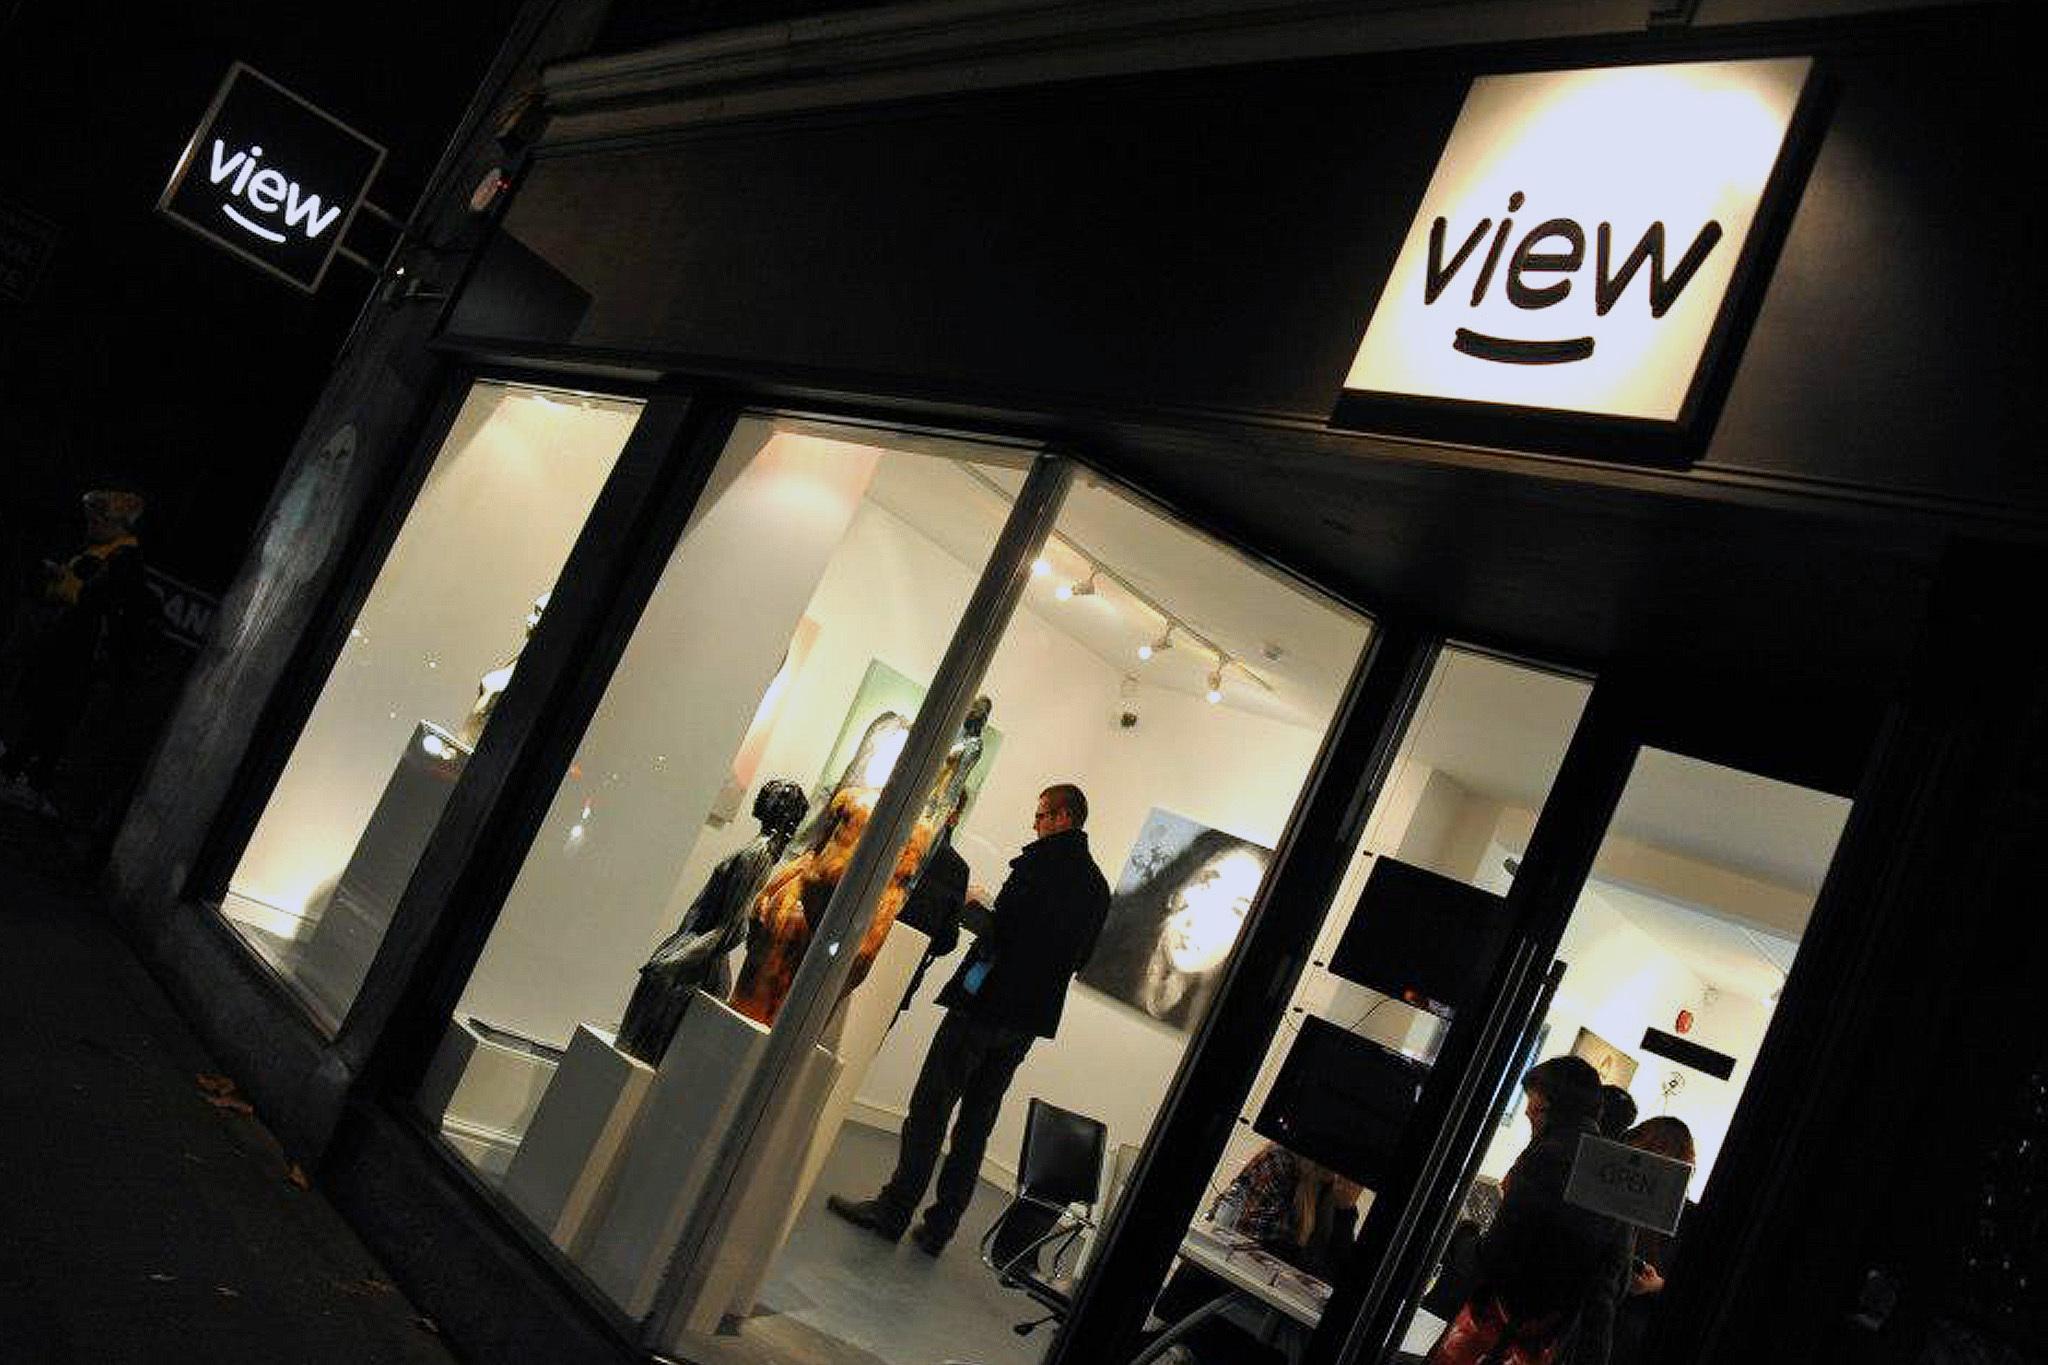 View Art Gallery, Bristol